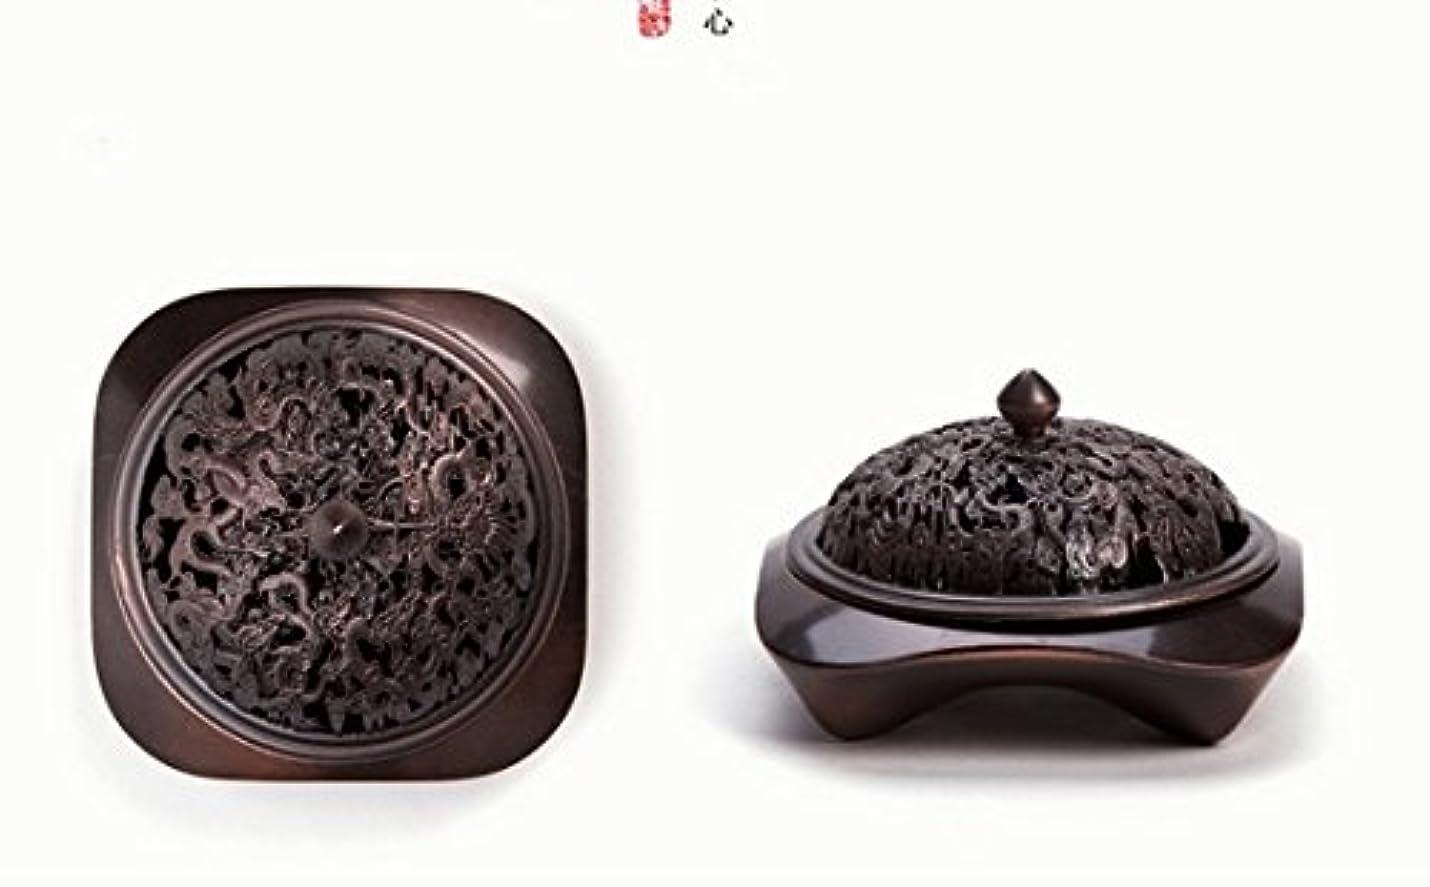 つま先魔術師【Lenni】アロマ香炉 タワー香つき 纯铜工芸カバー 沉香熏香炉